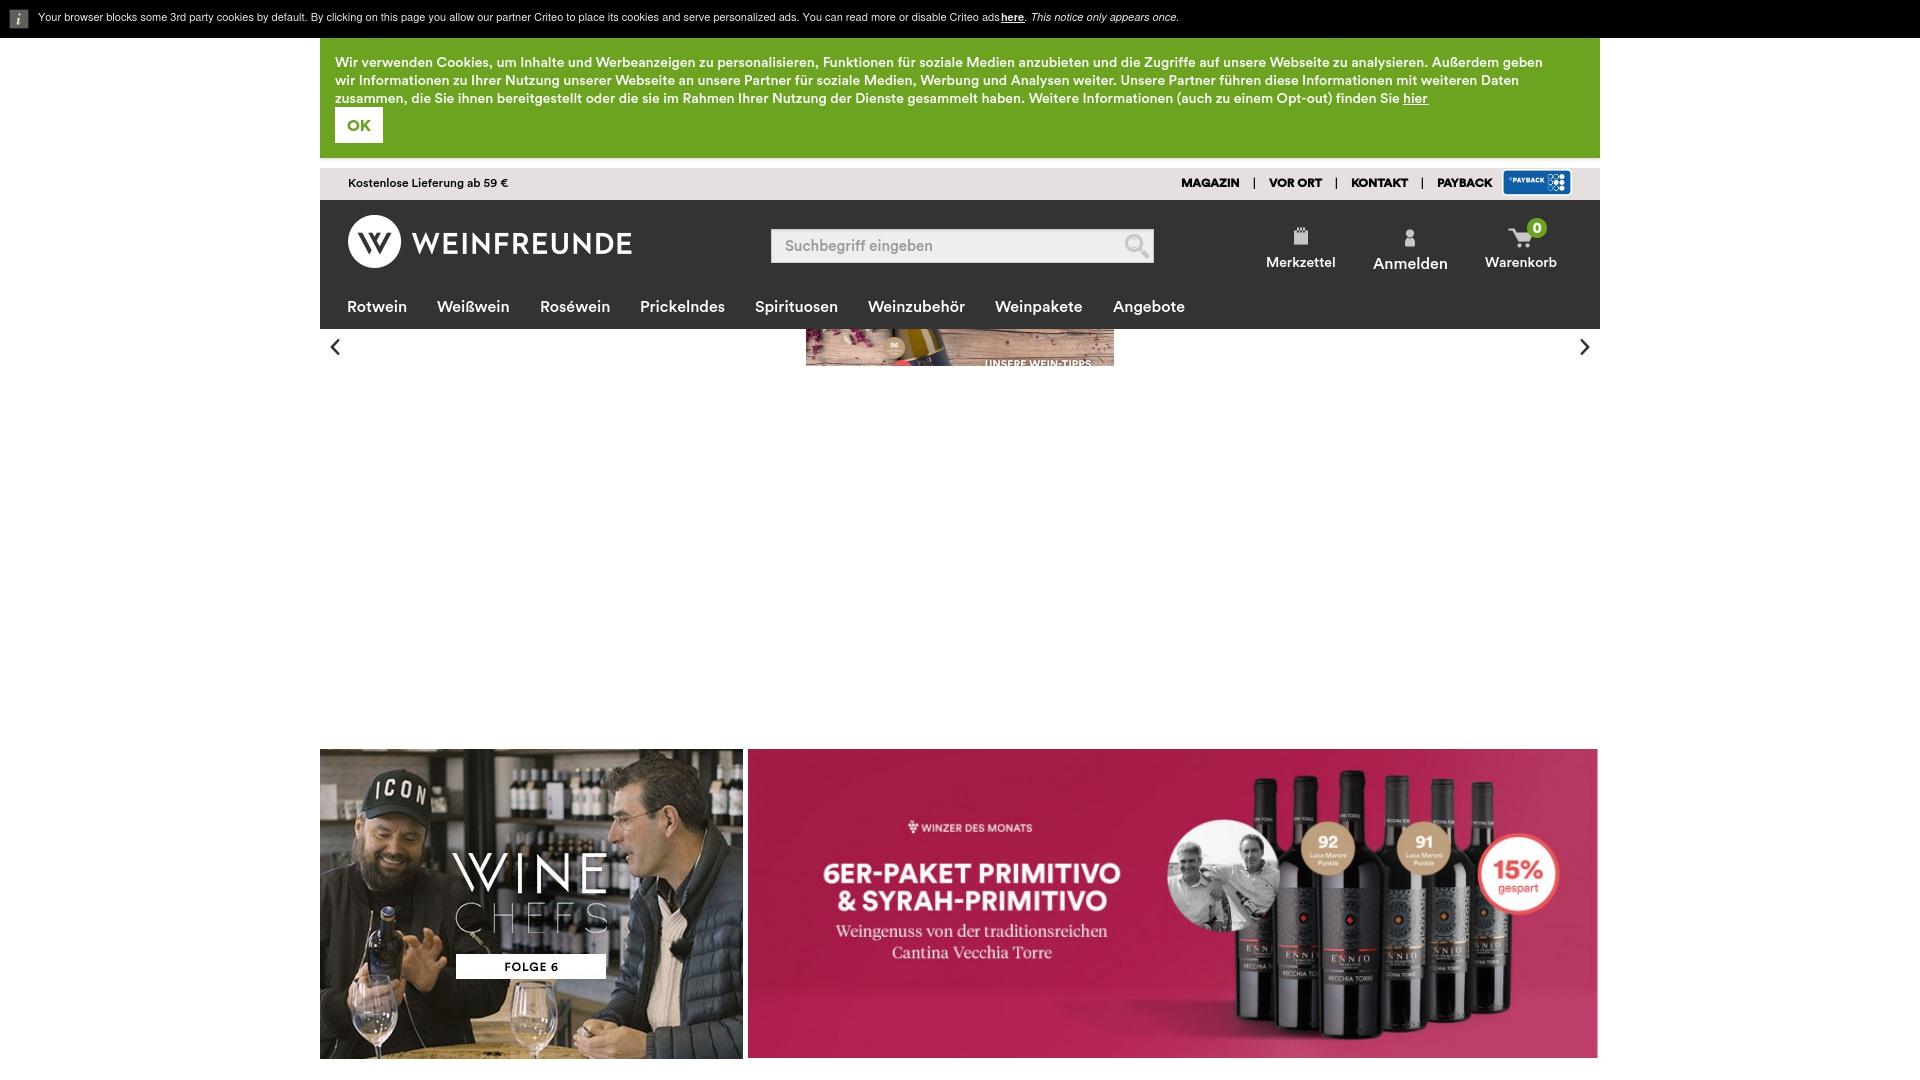 Gutschein für Weinfreunde: Rabatte für  Weinfreunde sichern